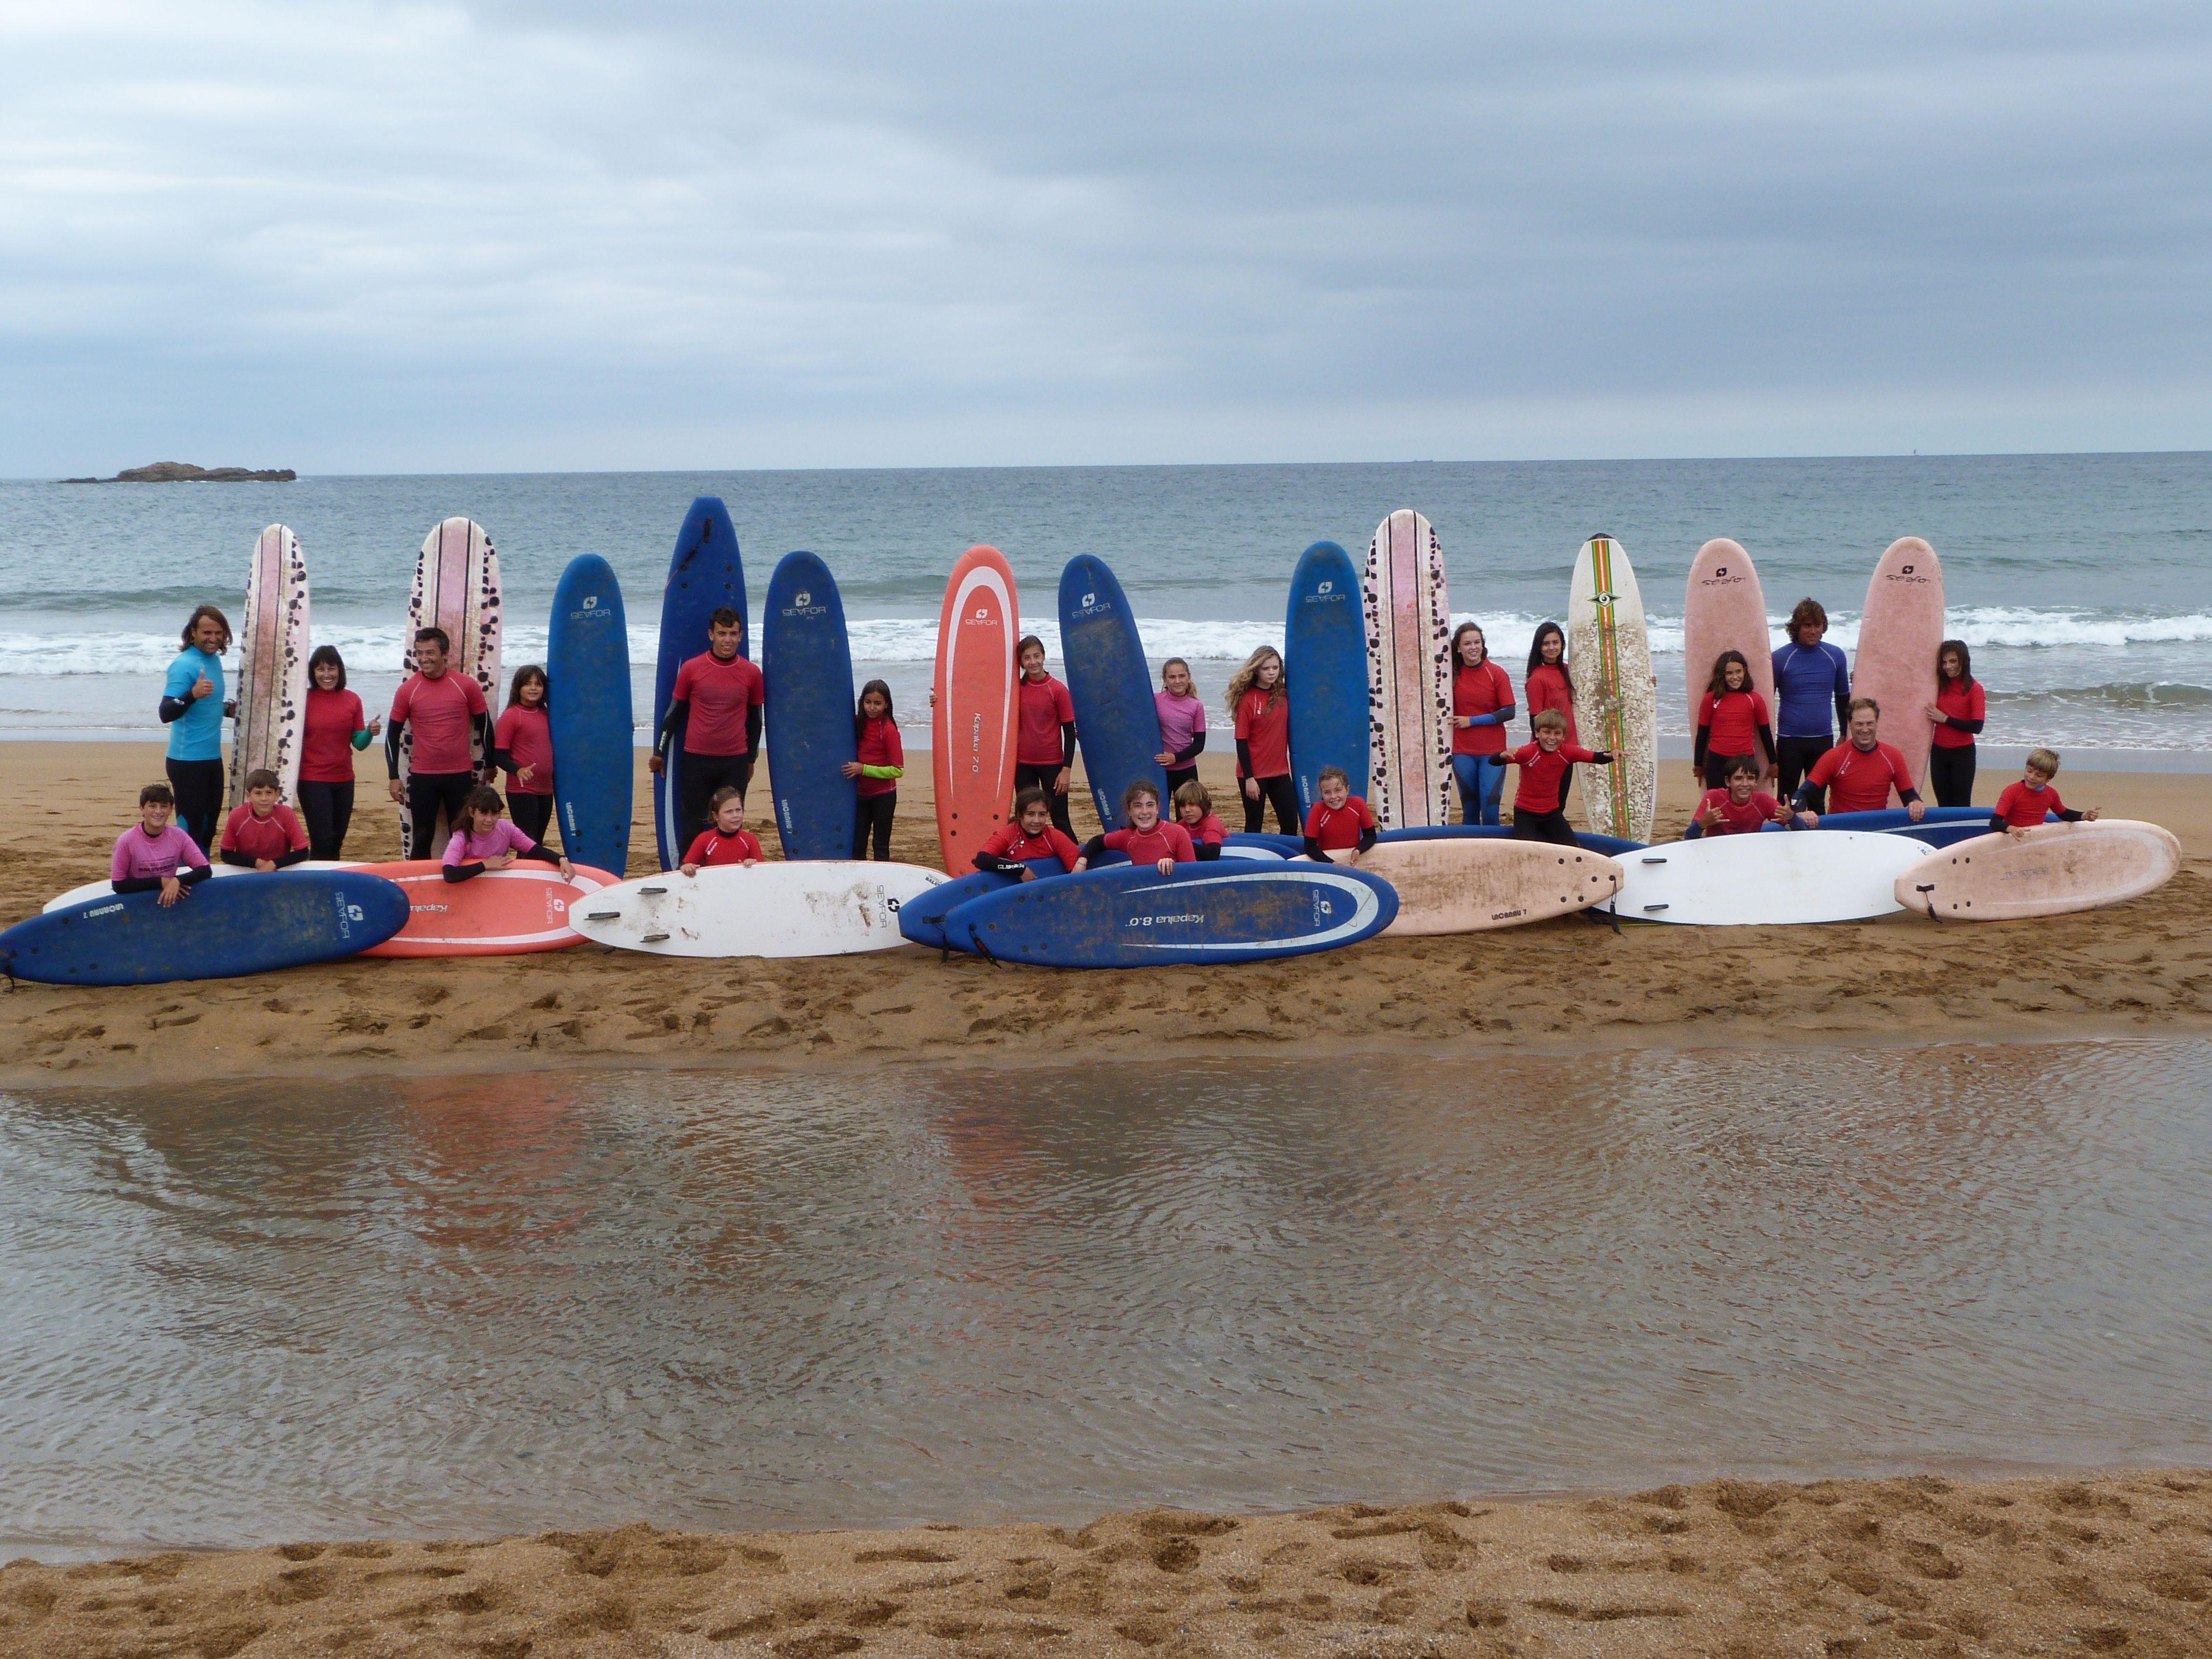 COMENZAMOS 3ª SEMANA AGOSTO 2014 EN BALUVERXA - LA ESCUELA DE SURF DEL CABO , ¿QUIERES APUNTARTE? MAS INFO EN EL SIGUIENTE ENLACE ... http://www.baluverxa.com/2014/08/comenzamos-3-semana-agosto-2014.html